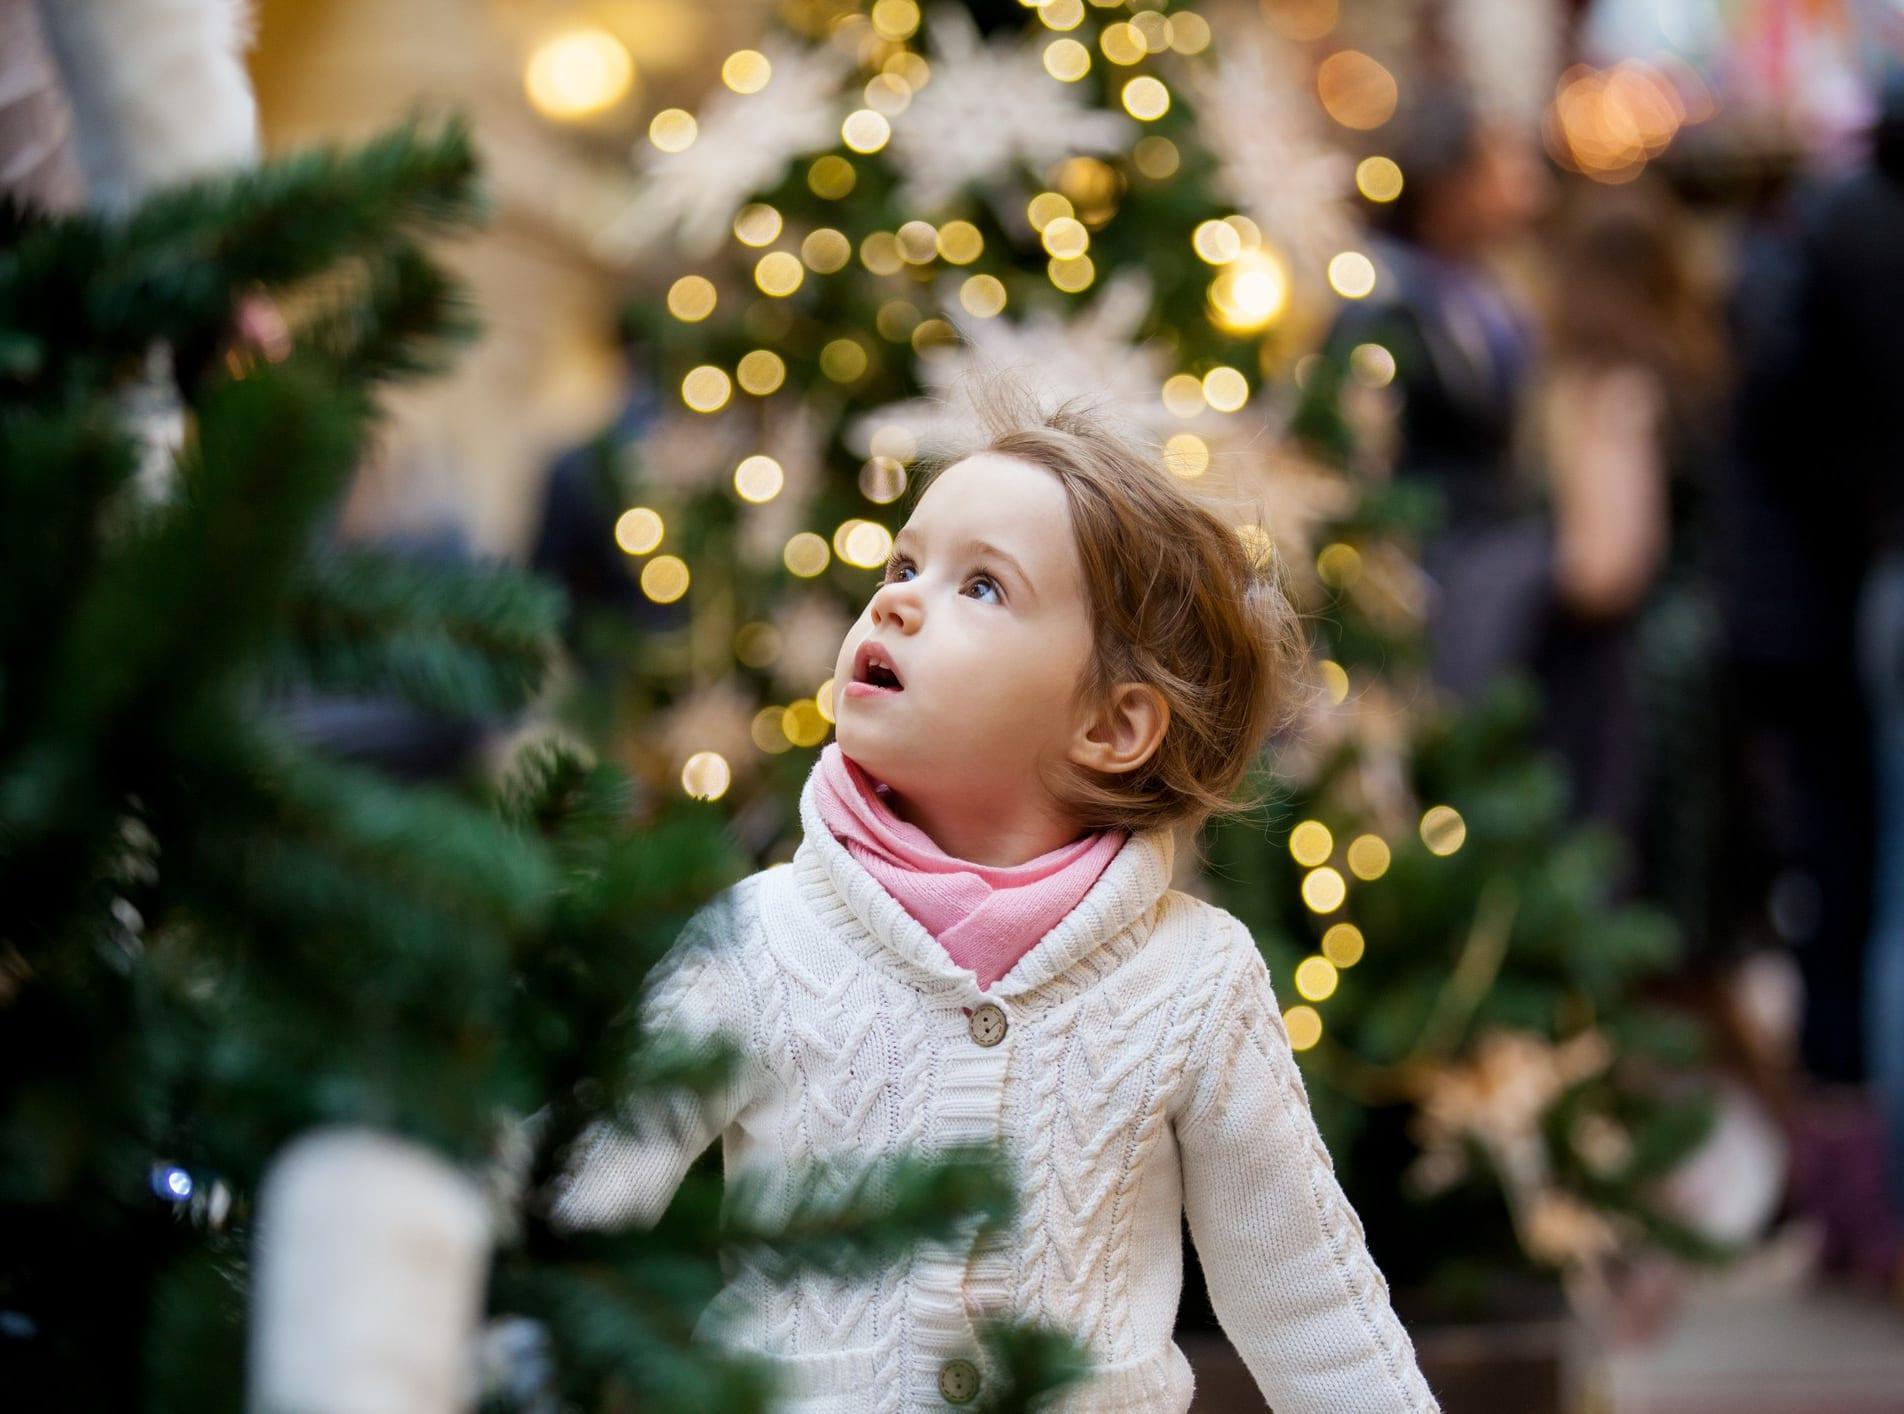 Det er lang tradisjon å tenne julegrana, hvor også lokale kor synger jula inn